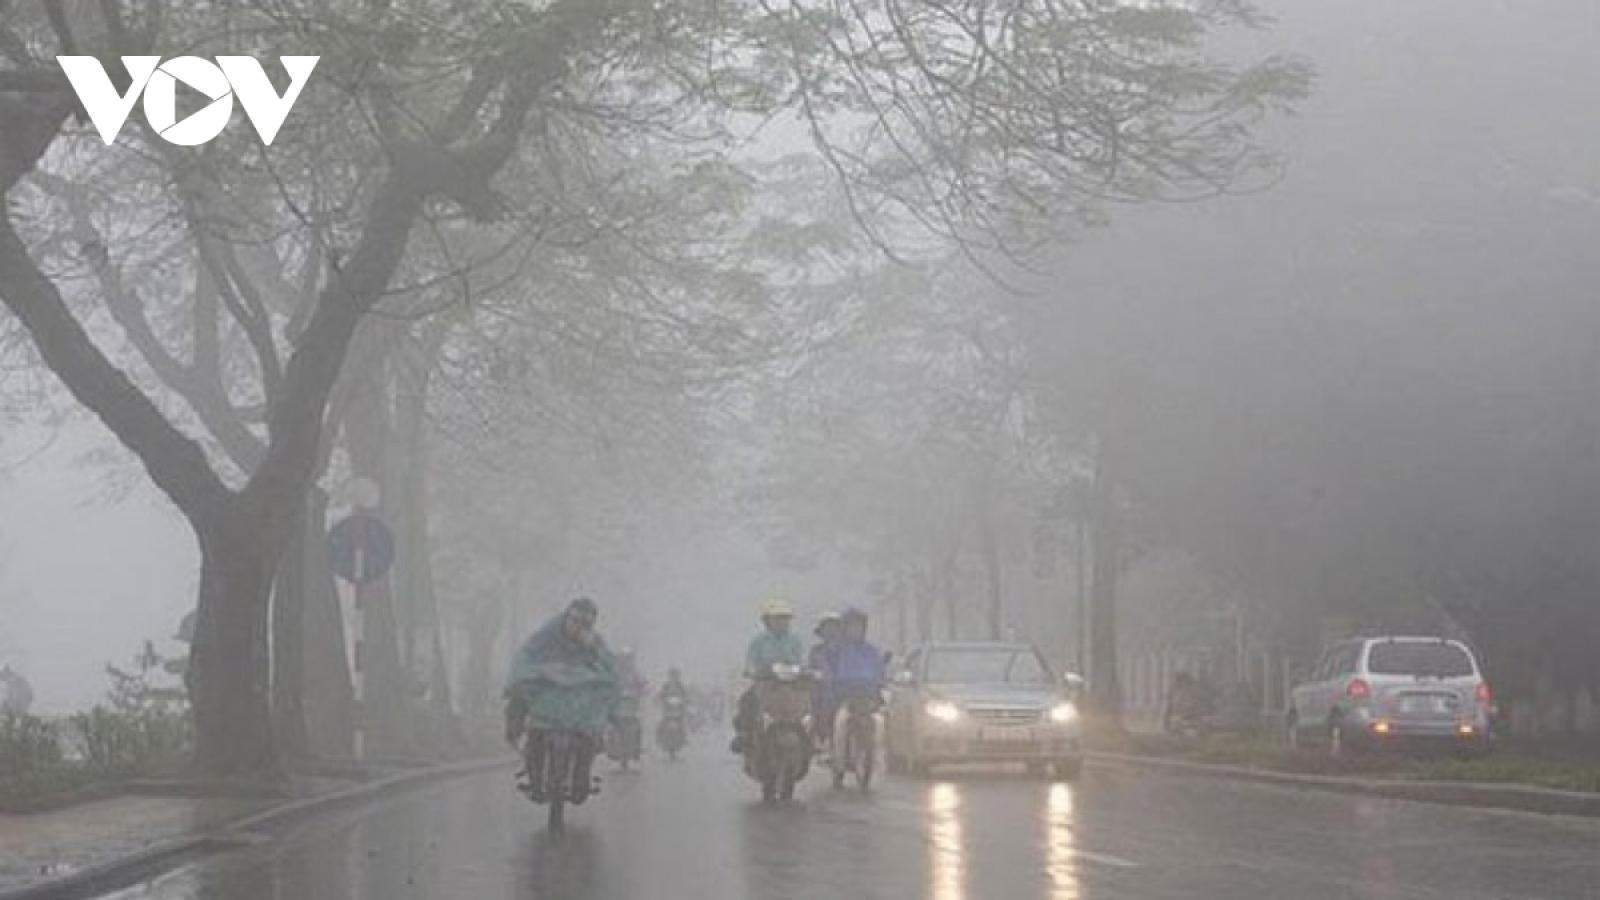 Thời tiết ngày 5/3: Hà Nội trời rét, có mưa nhỏ mưa phùn sáng sớm và đêm